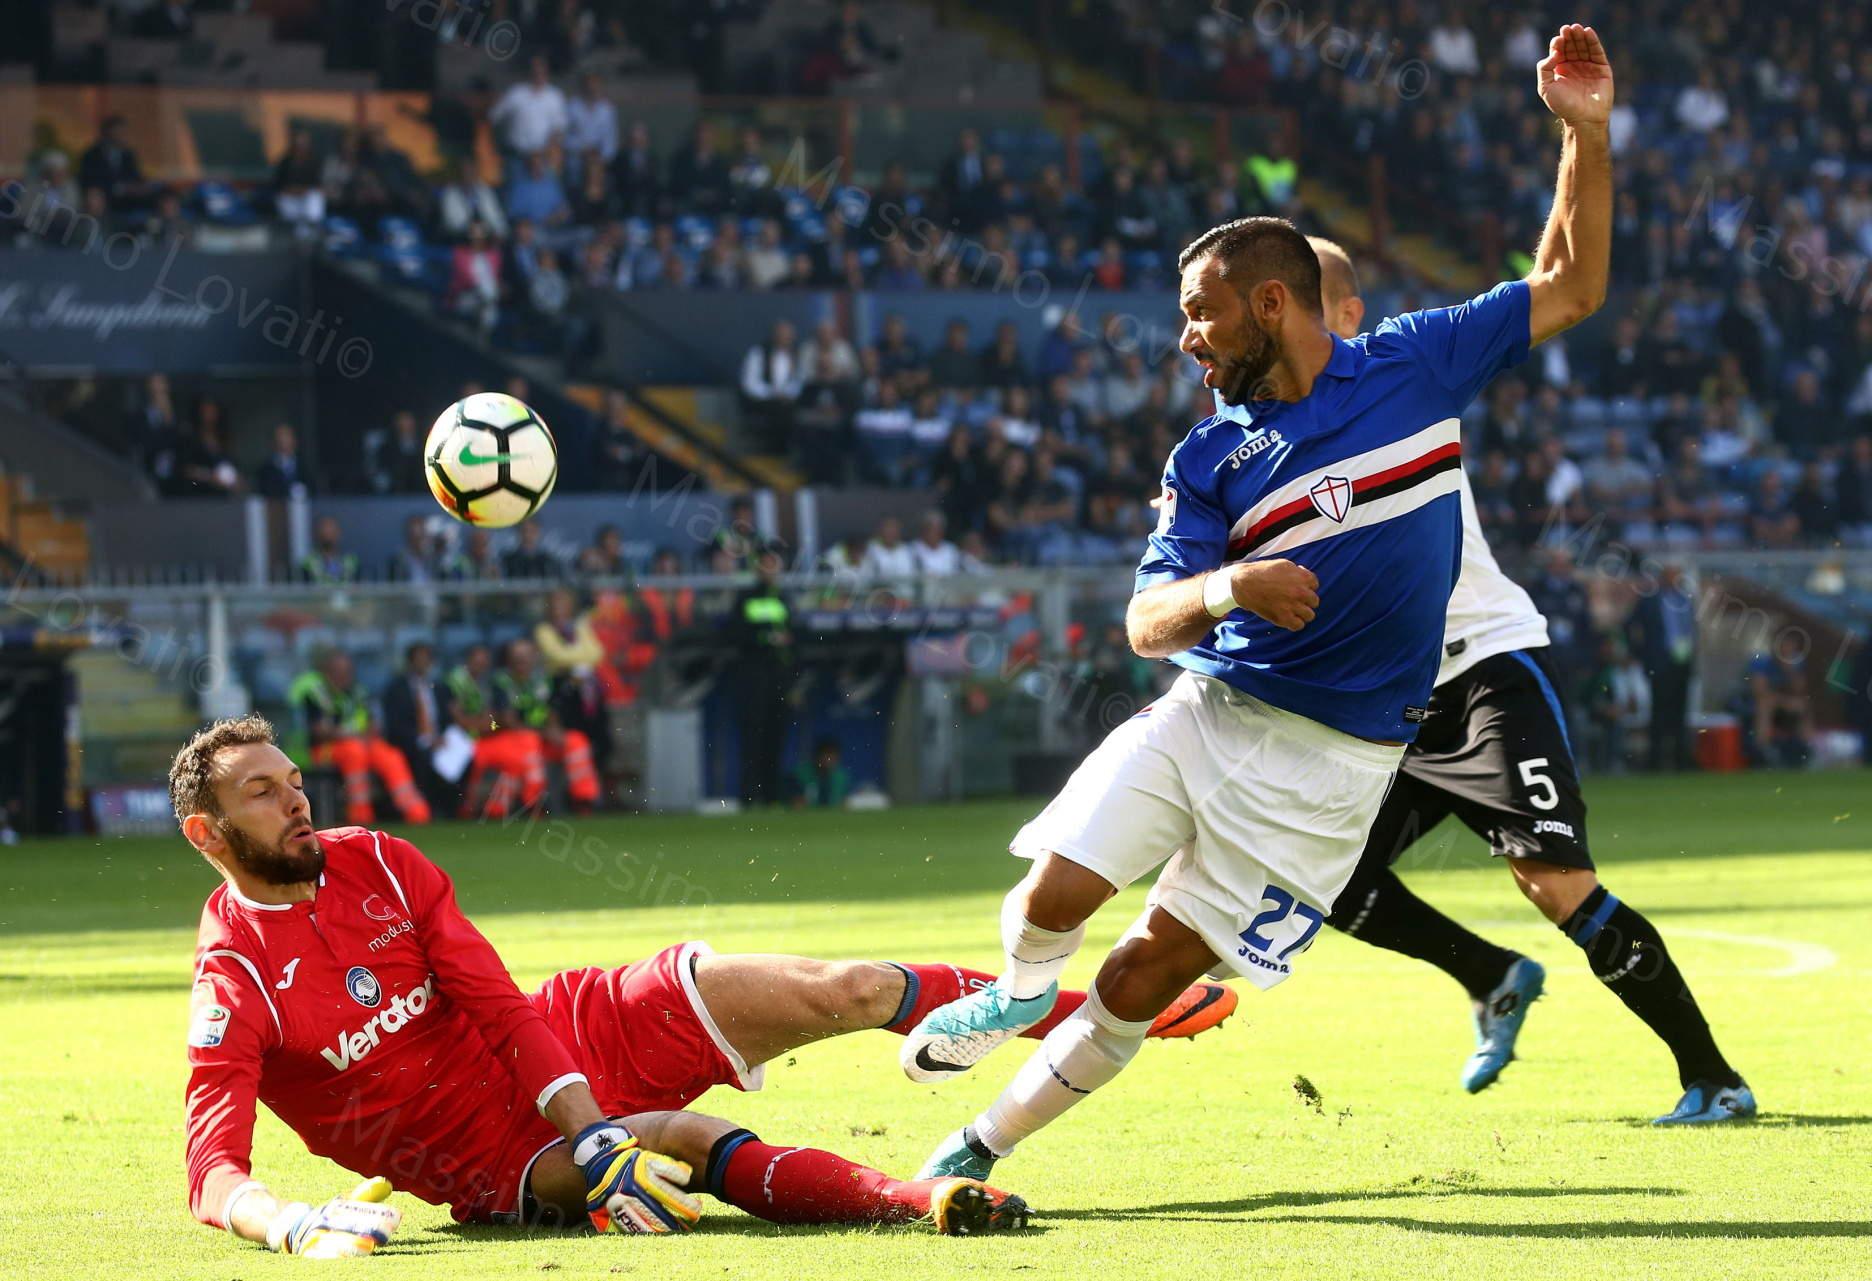 15/10/2017 Genova Campionato di Calcio Serie A, Sampdoria- Atalanta, nella foto Berisha e Quagliarella